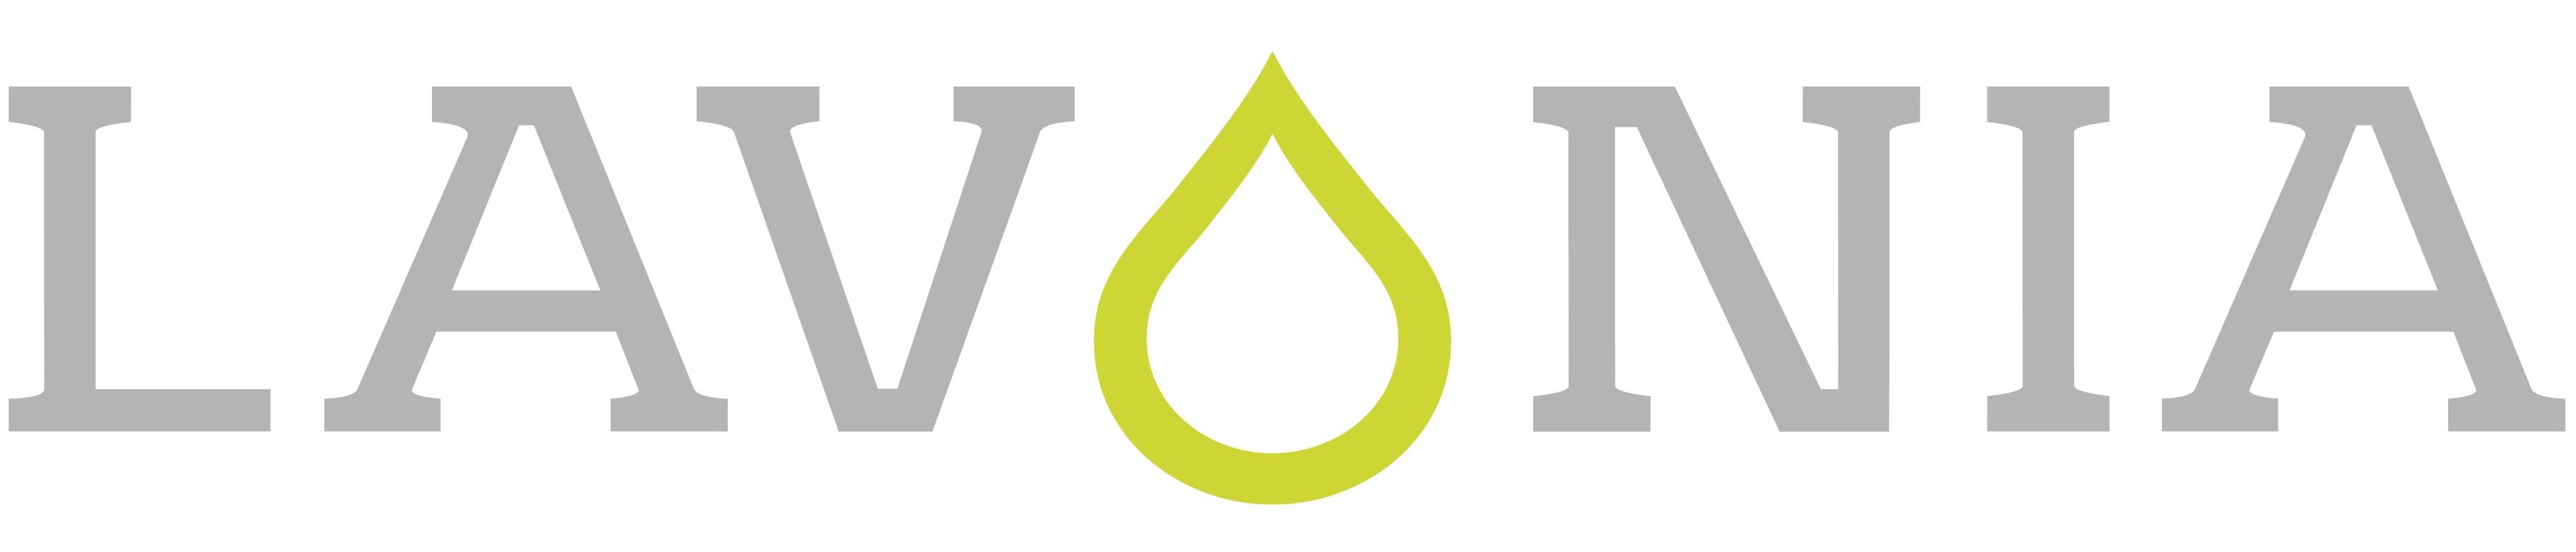 Logo LAVONIA Oy